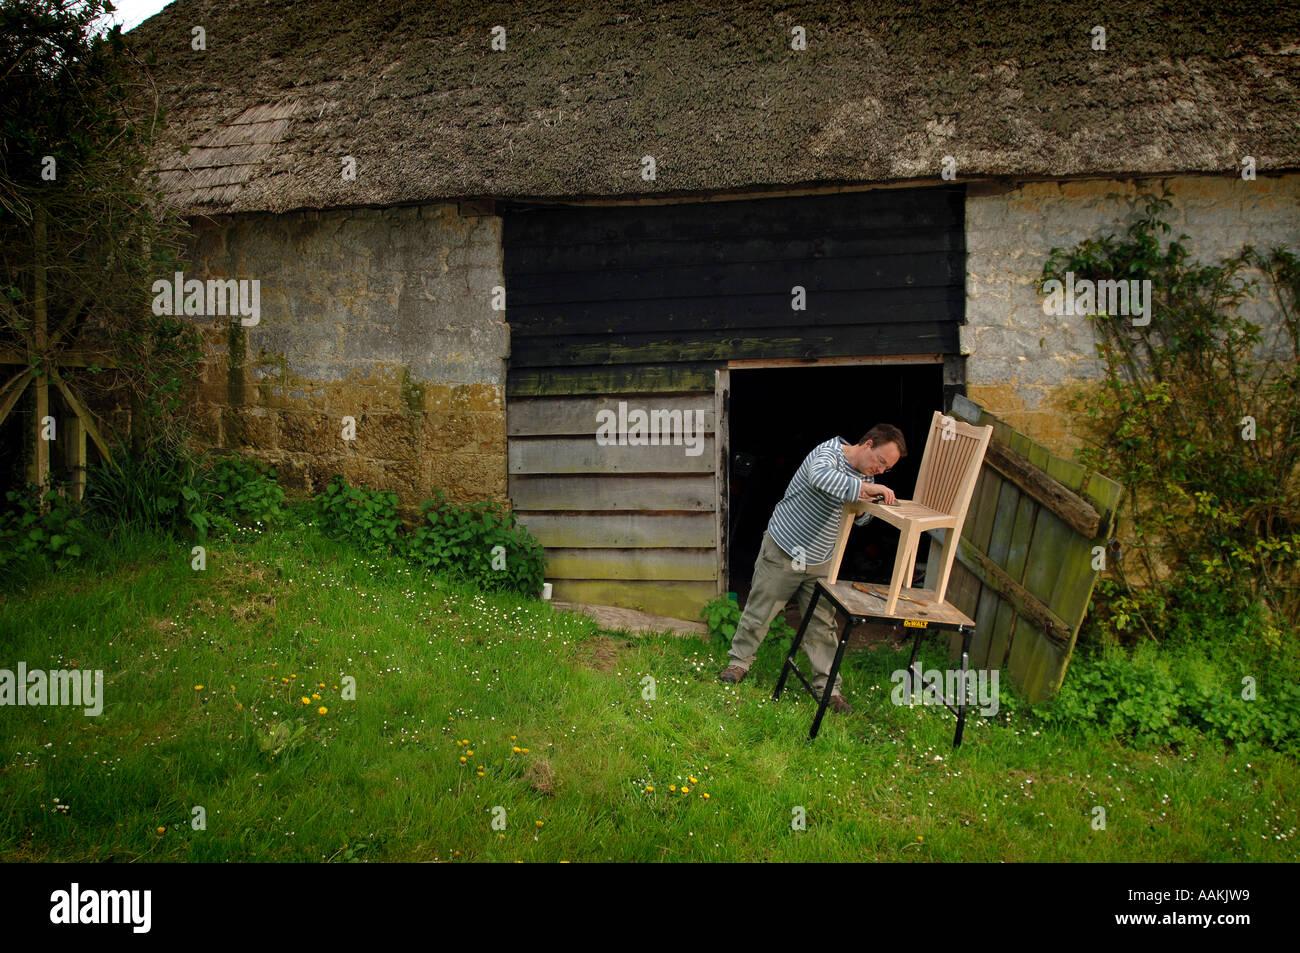 James Verner Bespoke Furniture Maker At Home In North Chideock Dorset    Stock Image